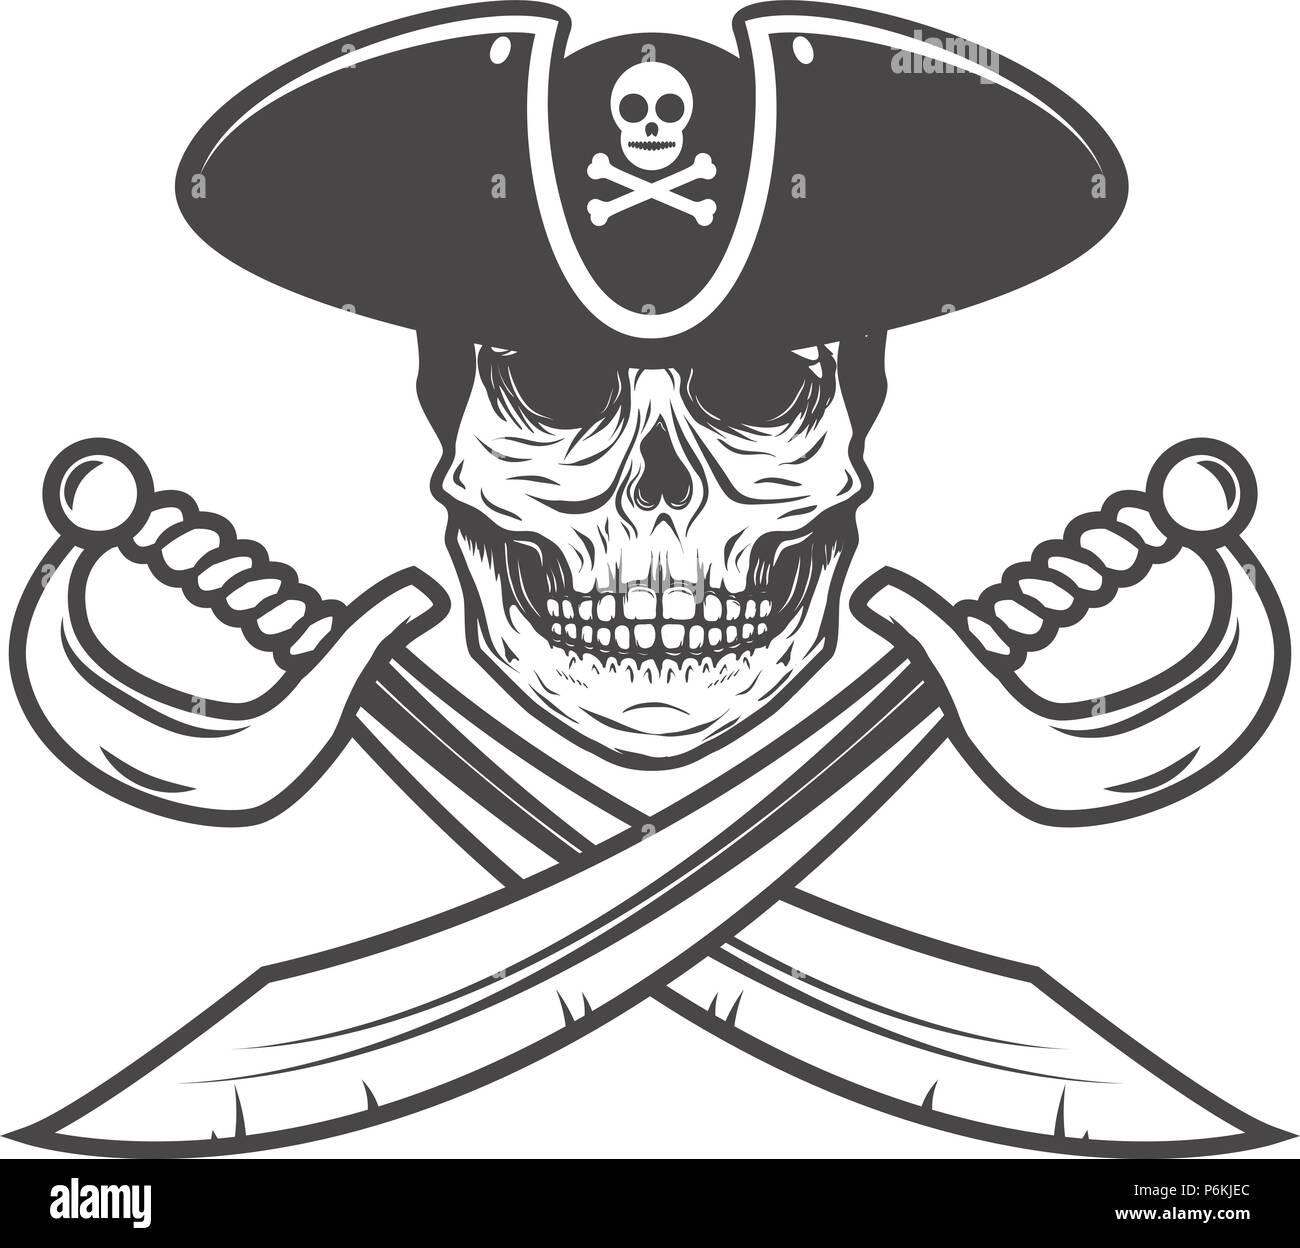 Immagini Di Teschio Pirati il teschio pirata con sciabole incrociate. elemento di